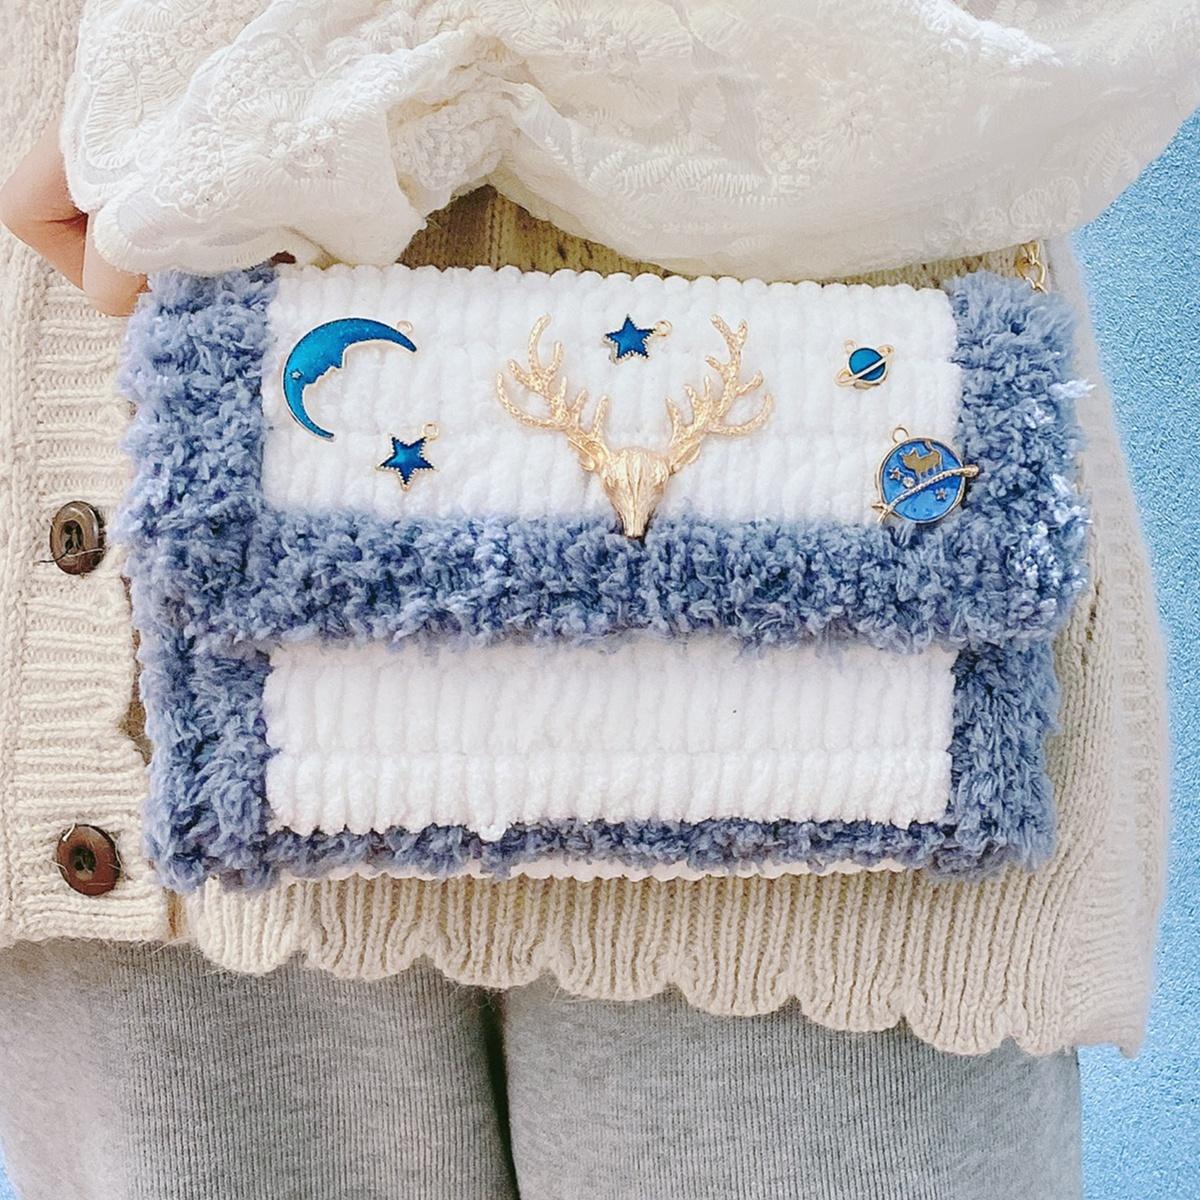 手編みバッグdiy素材バッグ手作り手編みは彼女にプレゼントします。